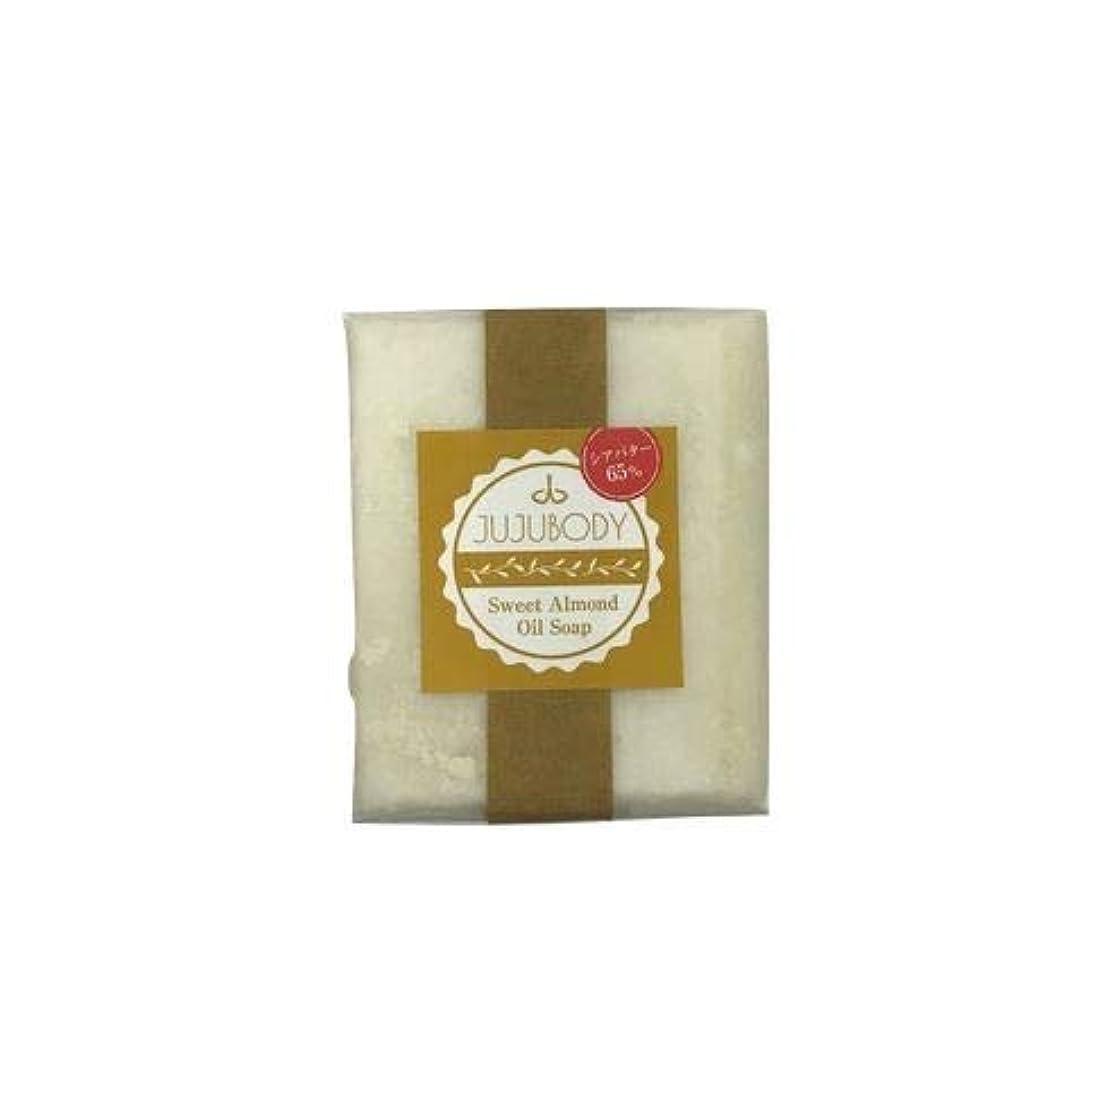 キャンドルチェストンJUJUBODY スウィートアーモンドオイル&シアバターソープ(110g)